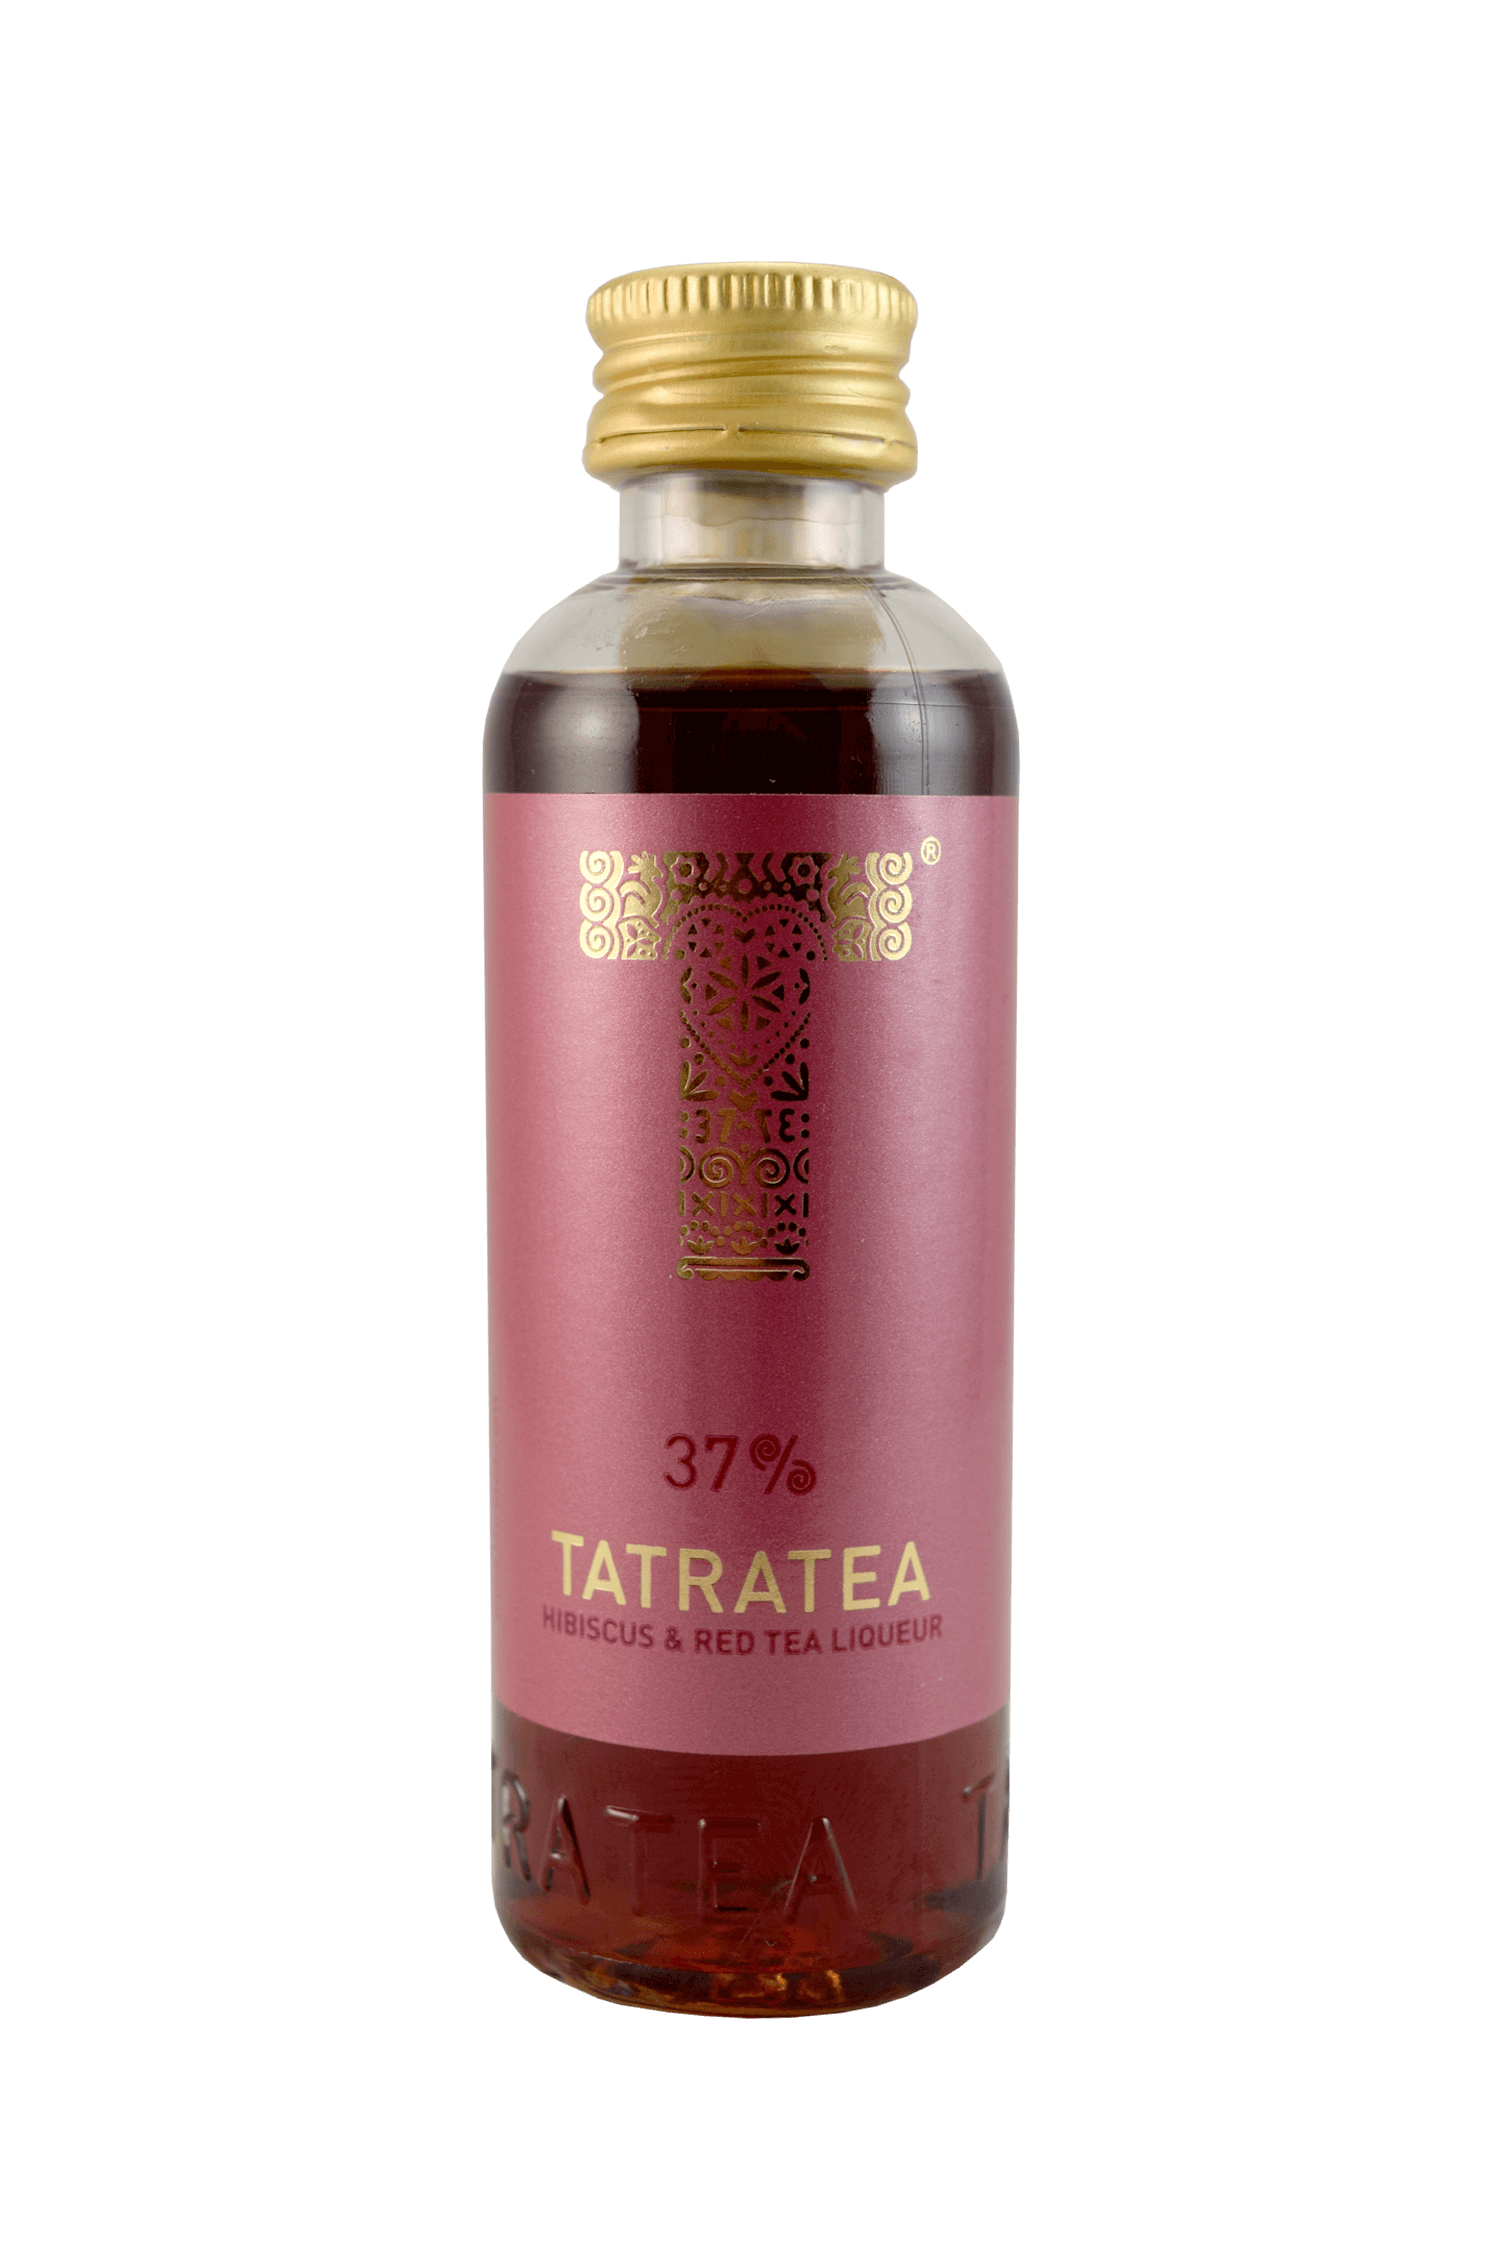 Tatratea Hibiscus & Red Tea Liqueur